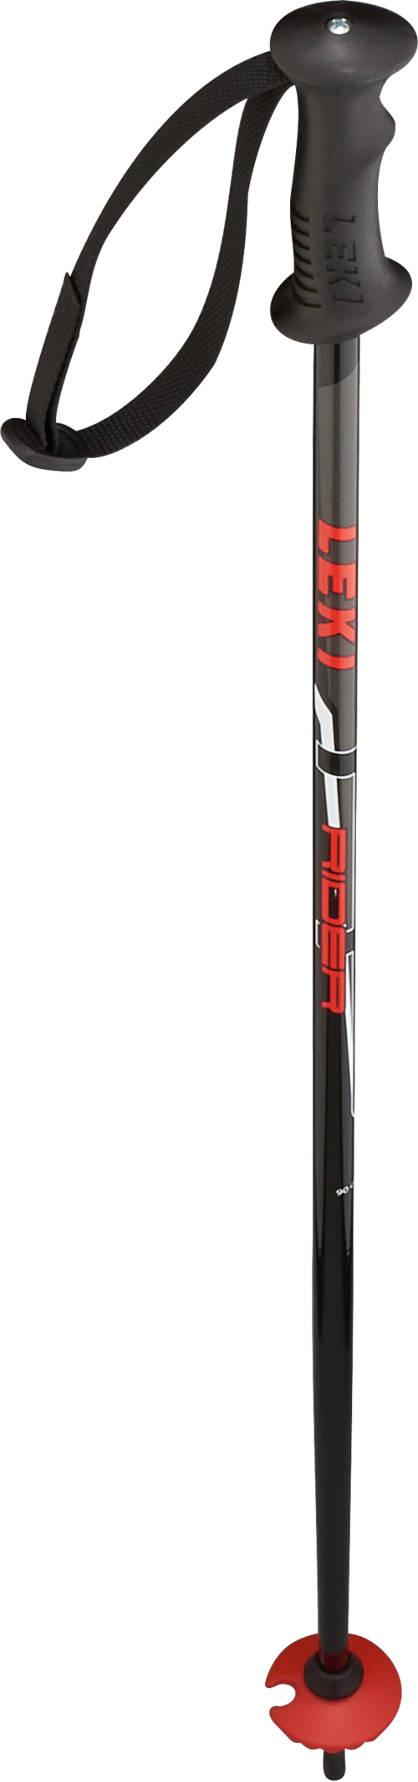 Leki Bâton de ski